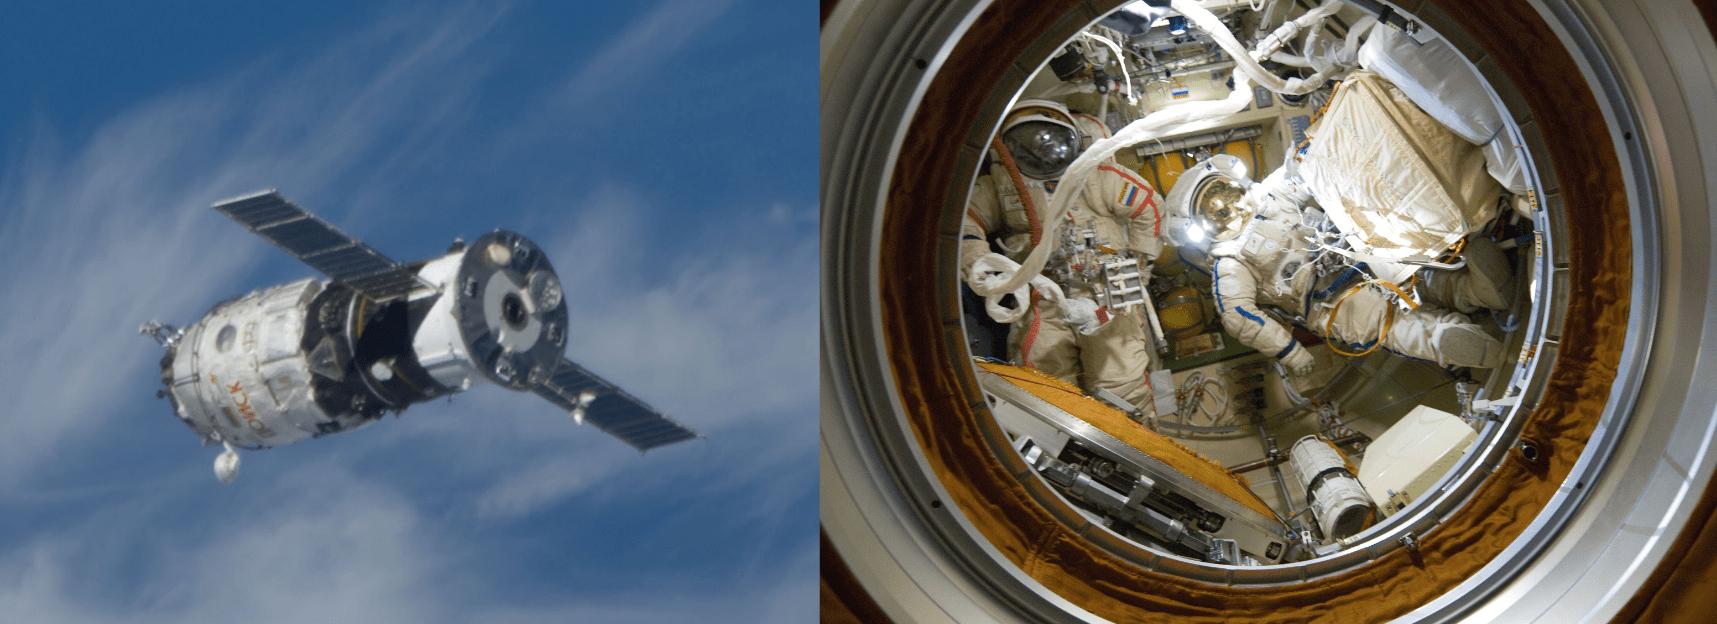 Pirs Airlock ISS